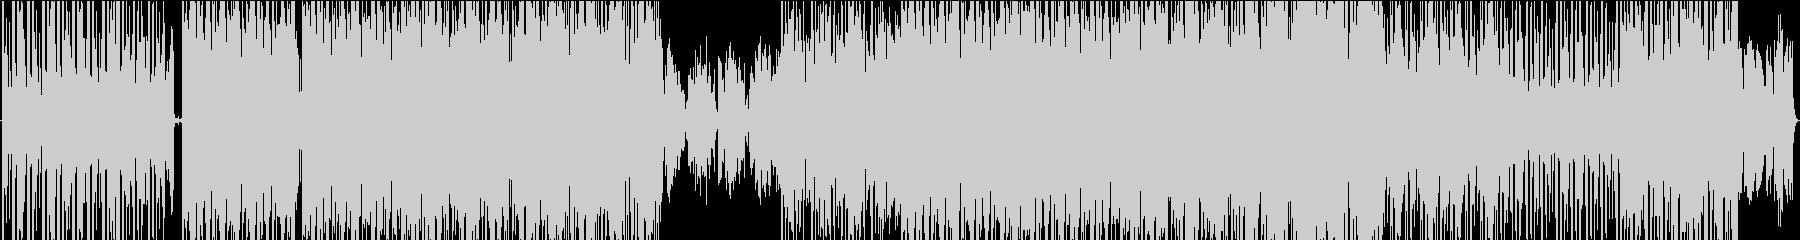 ダークで圧迫感ある機械的サウンドの未再生の波形